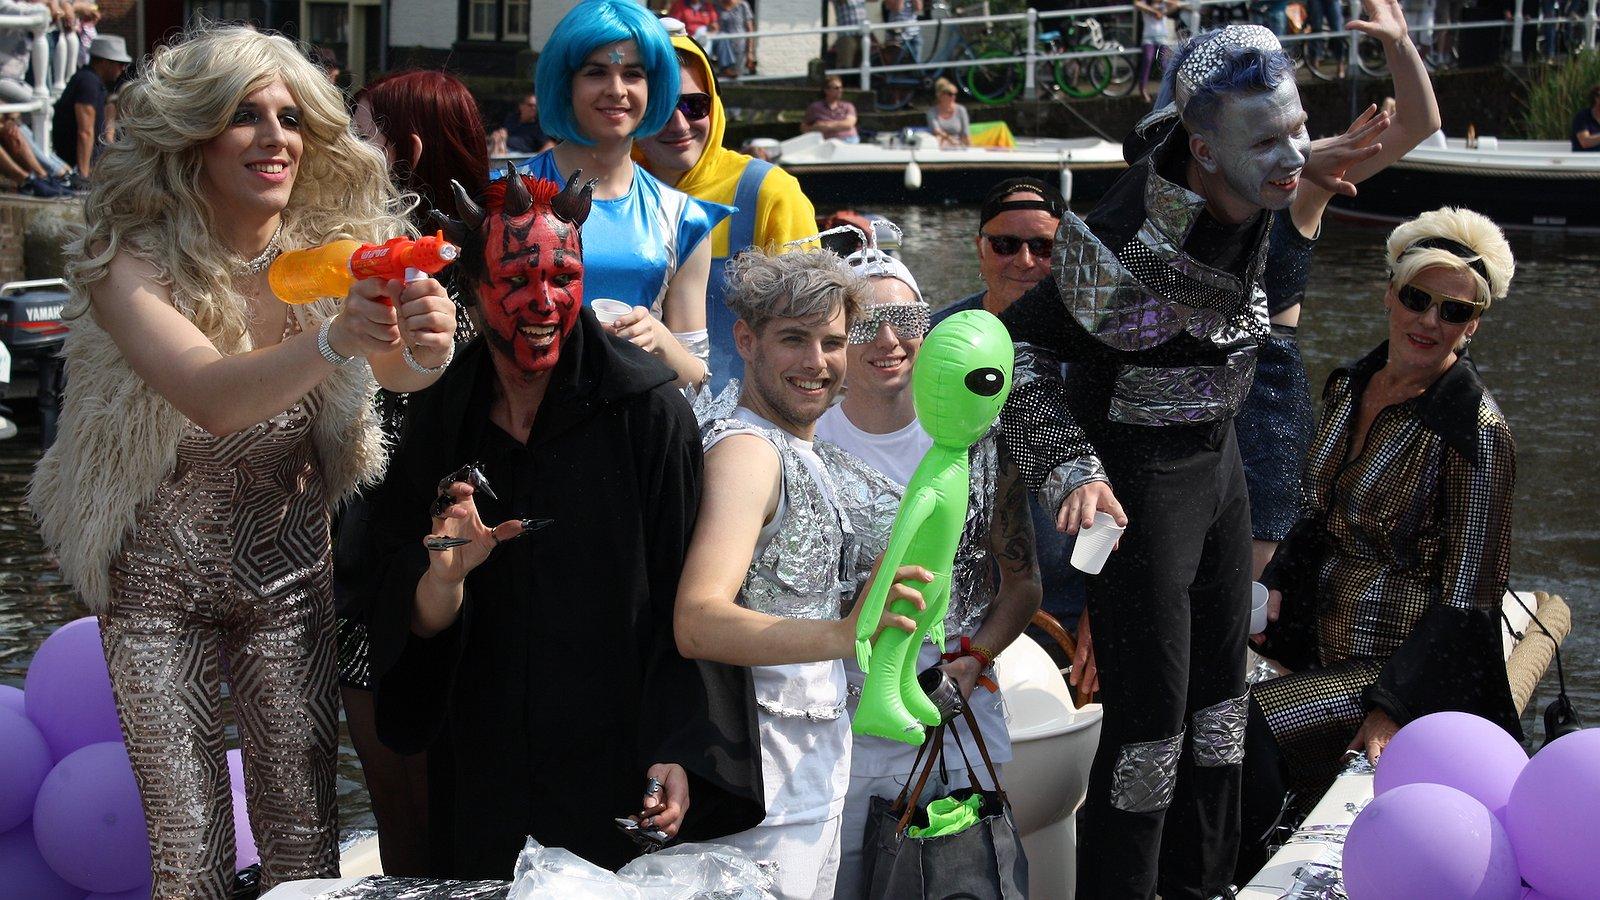 Vier de liefde tijdens Alkmaar Pride!